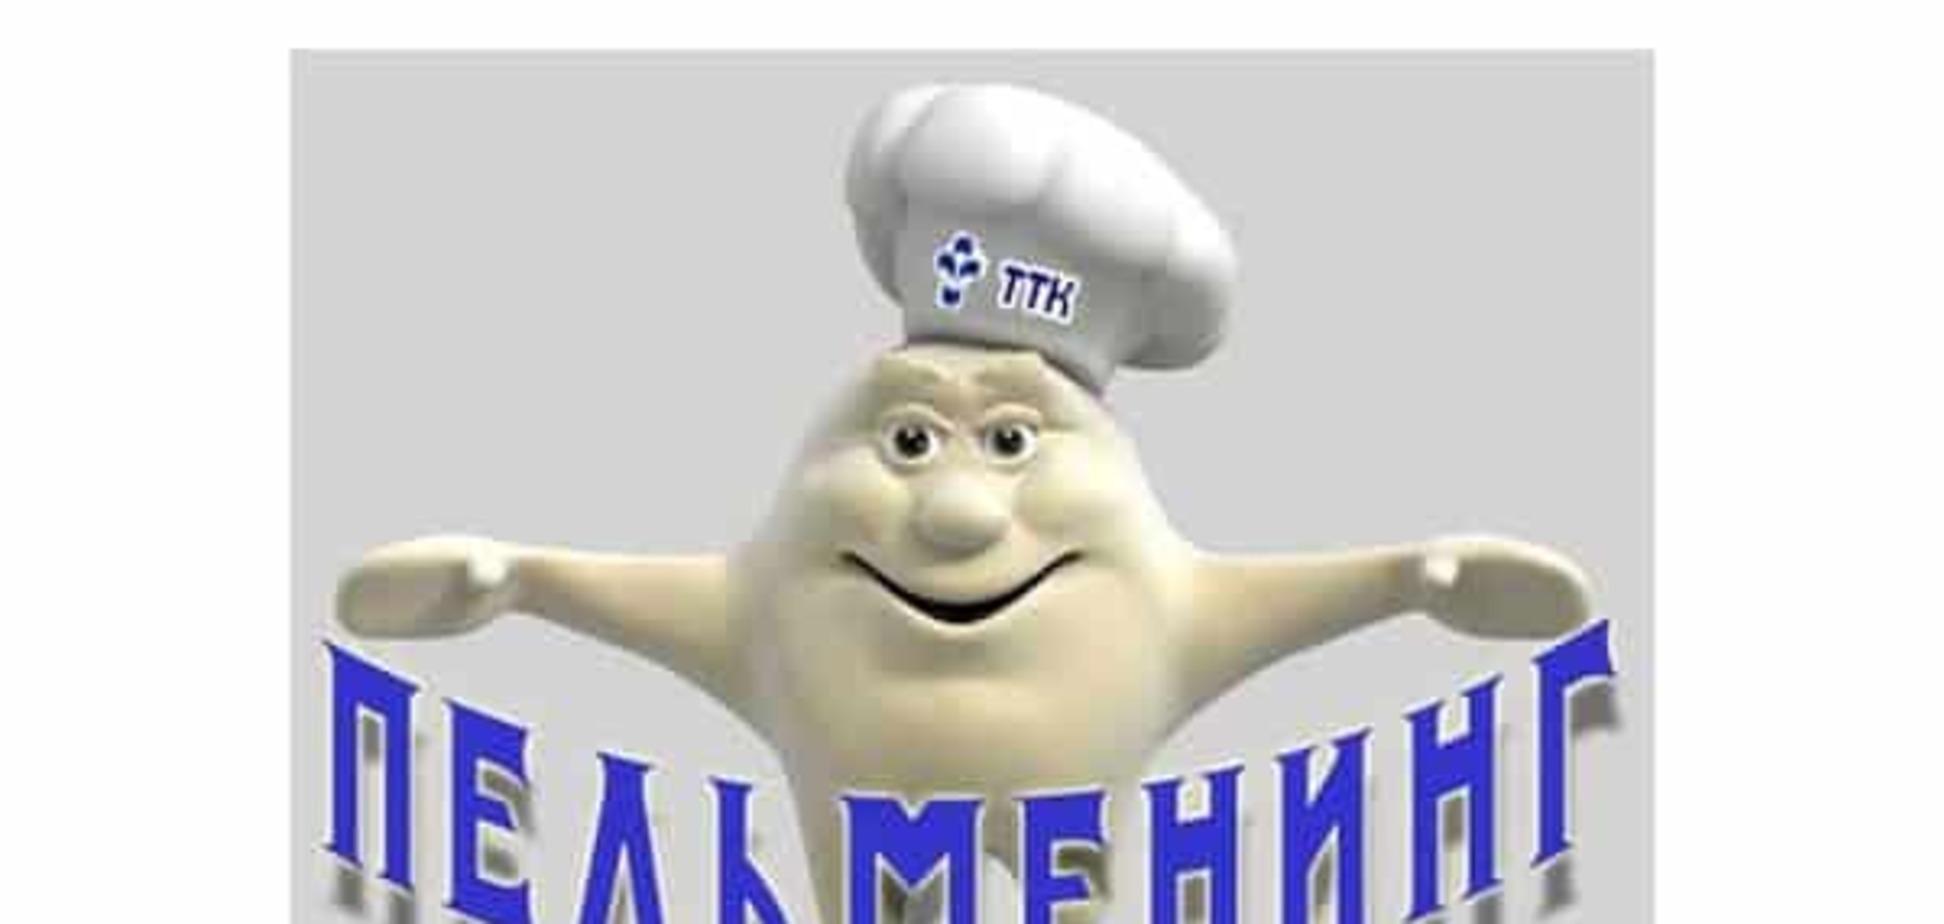 Сразу после литрбола? В России хотят основать федерацию спортивного пельменинга